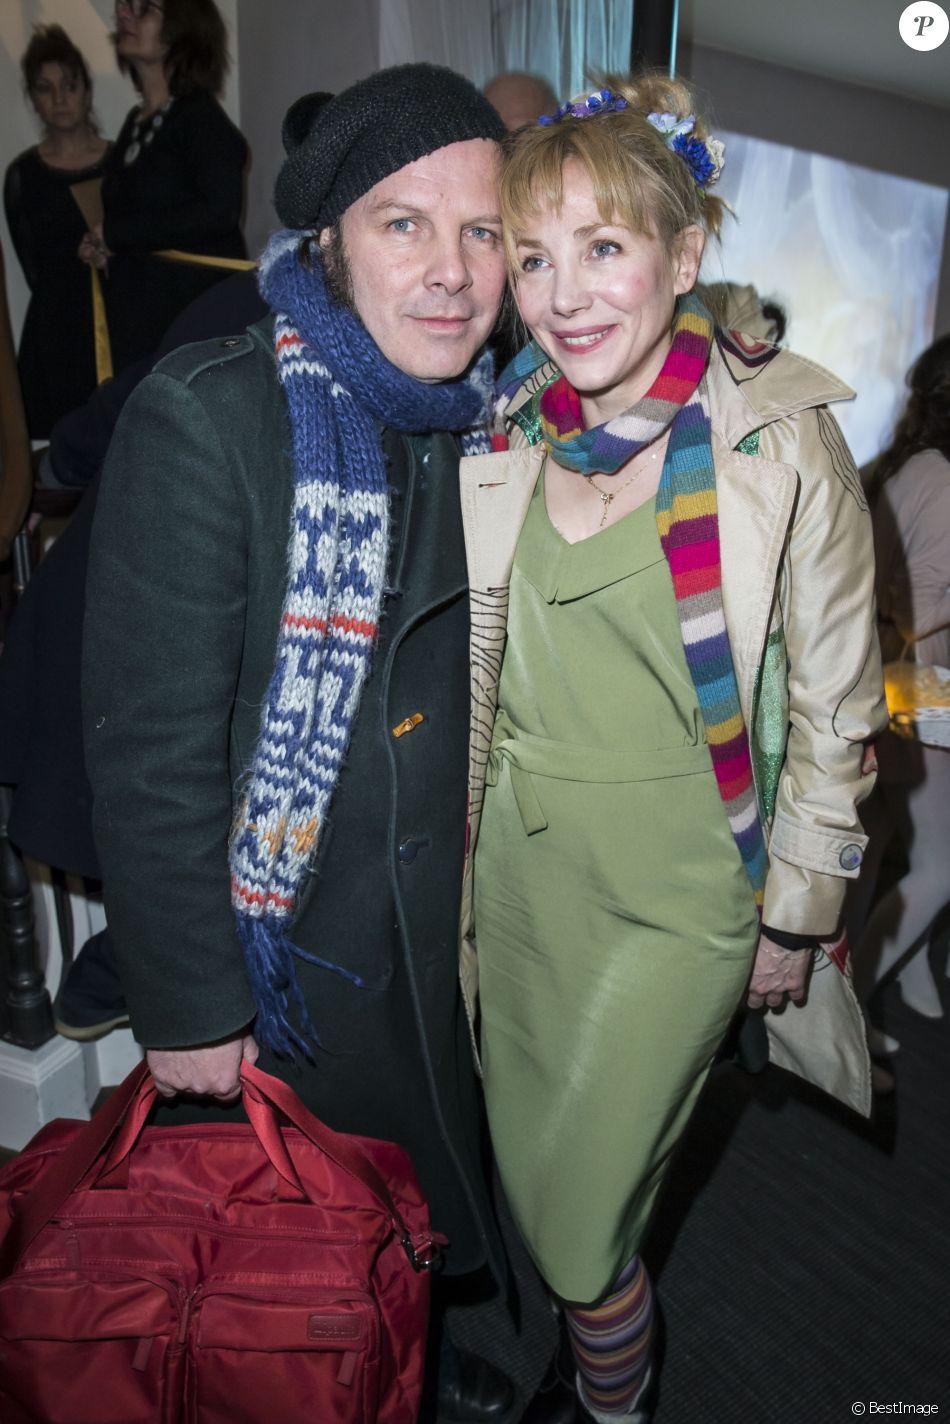 julie depardieu a mis un an avant d 39 embrasser son compagnon philippe katerine purepeople. Black Bedroom Furniture Sets. Home Design Ideas